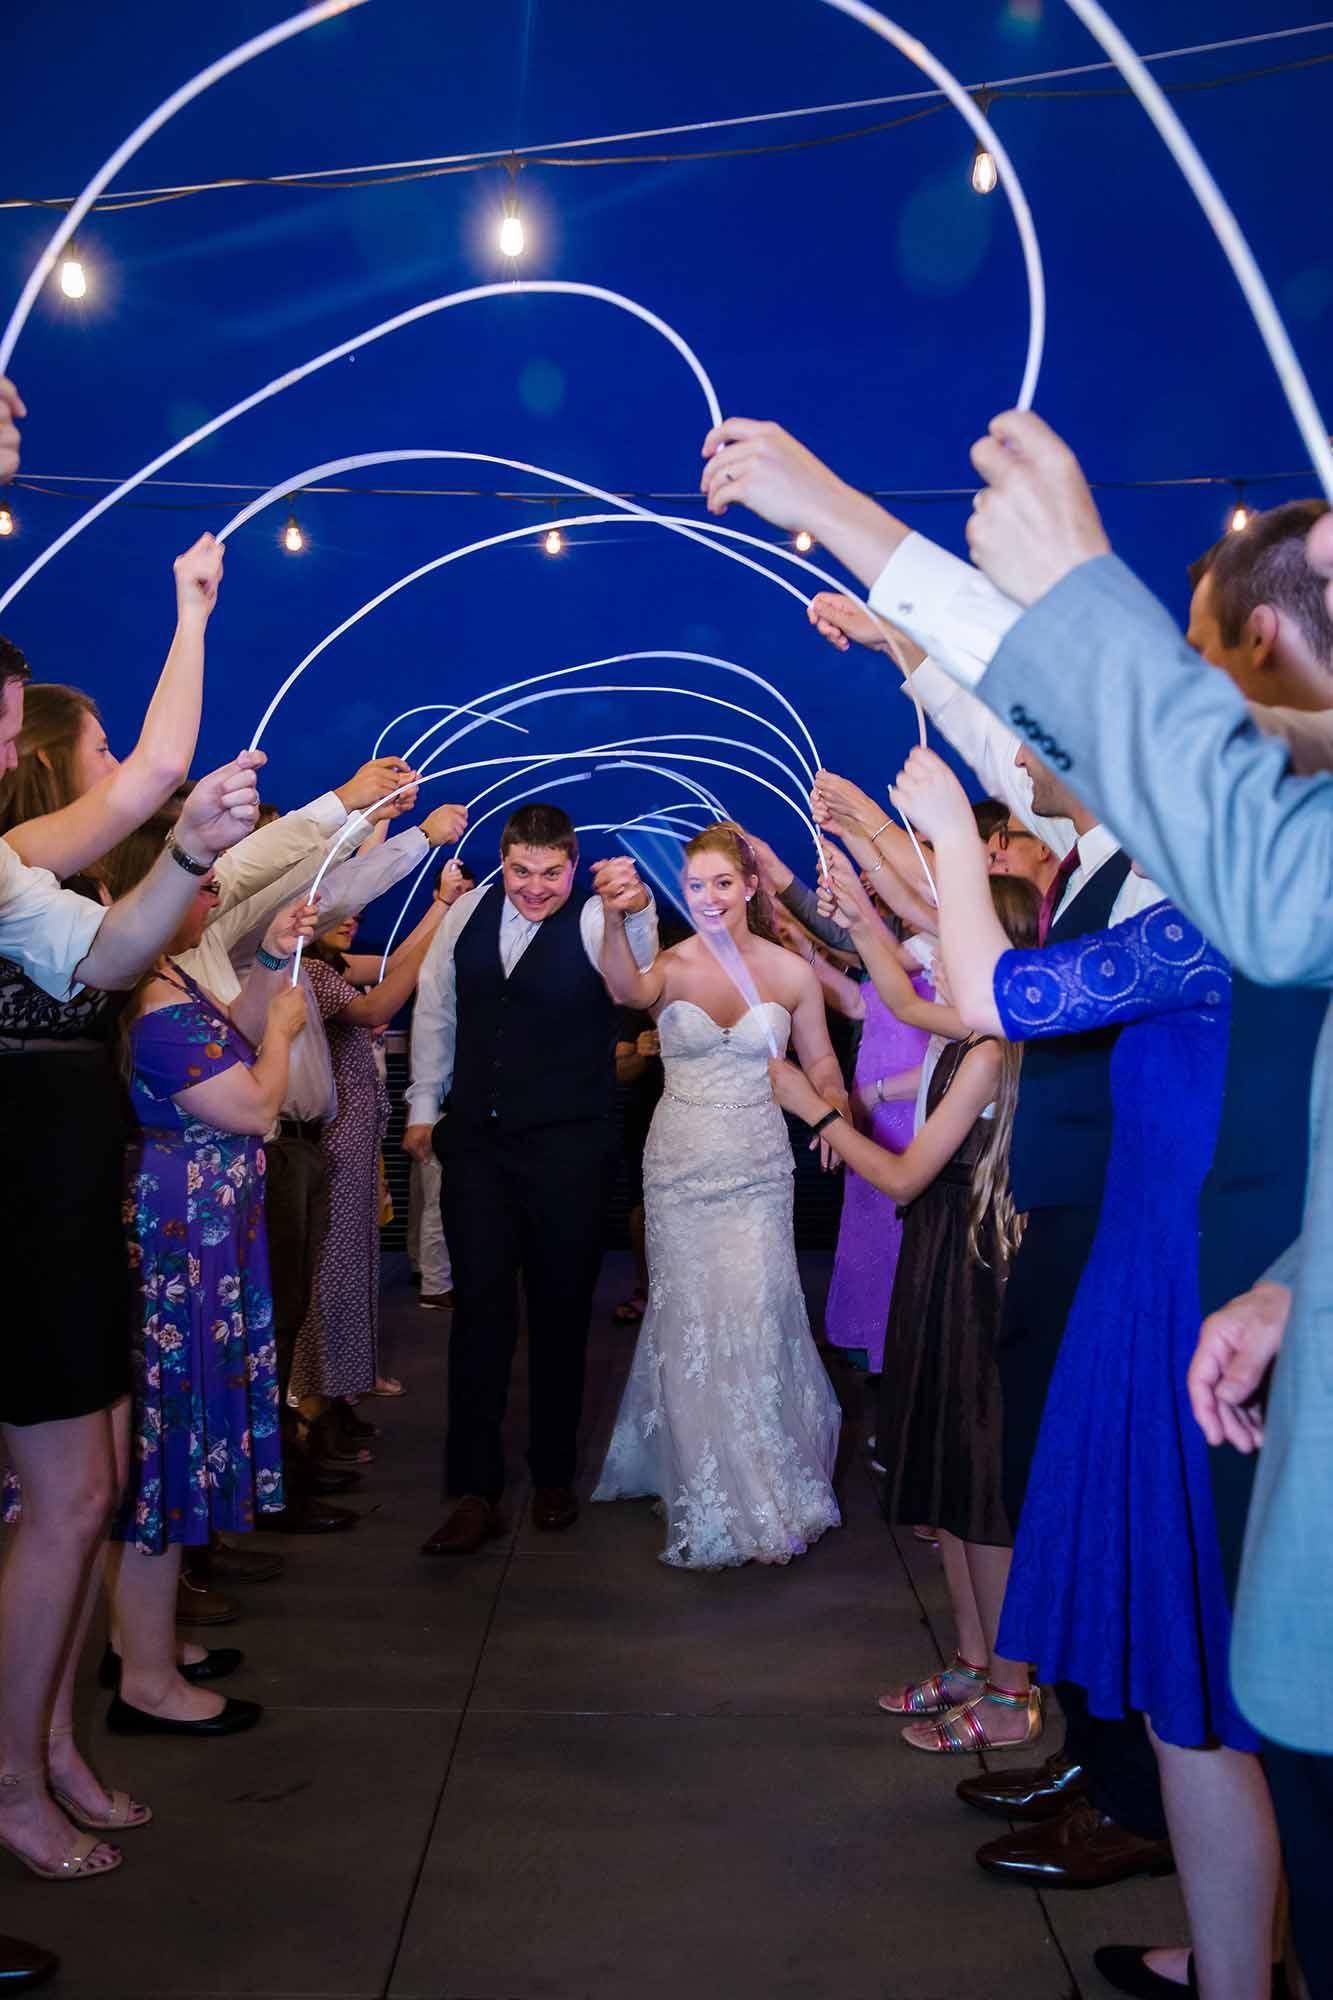 Glow Stick Wedding Exit Ideas